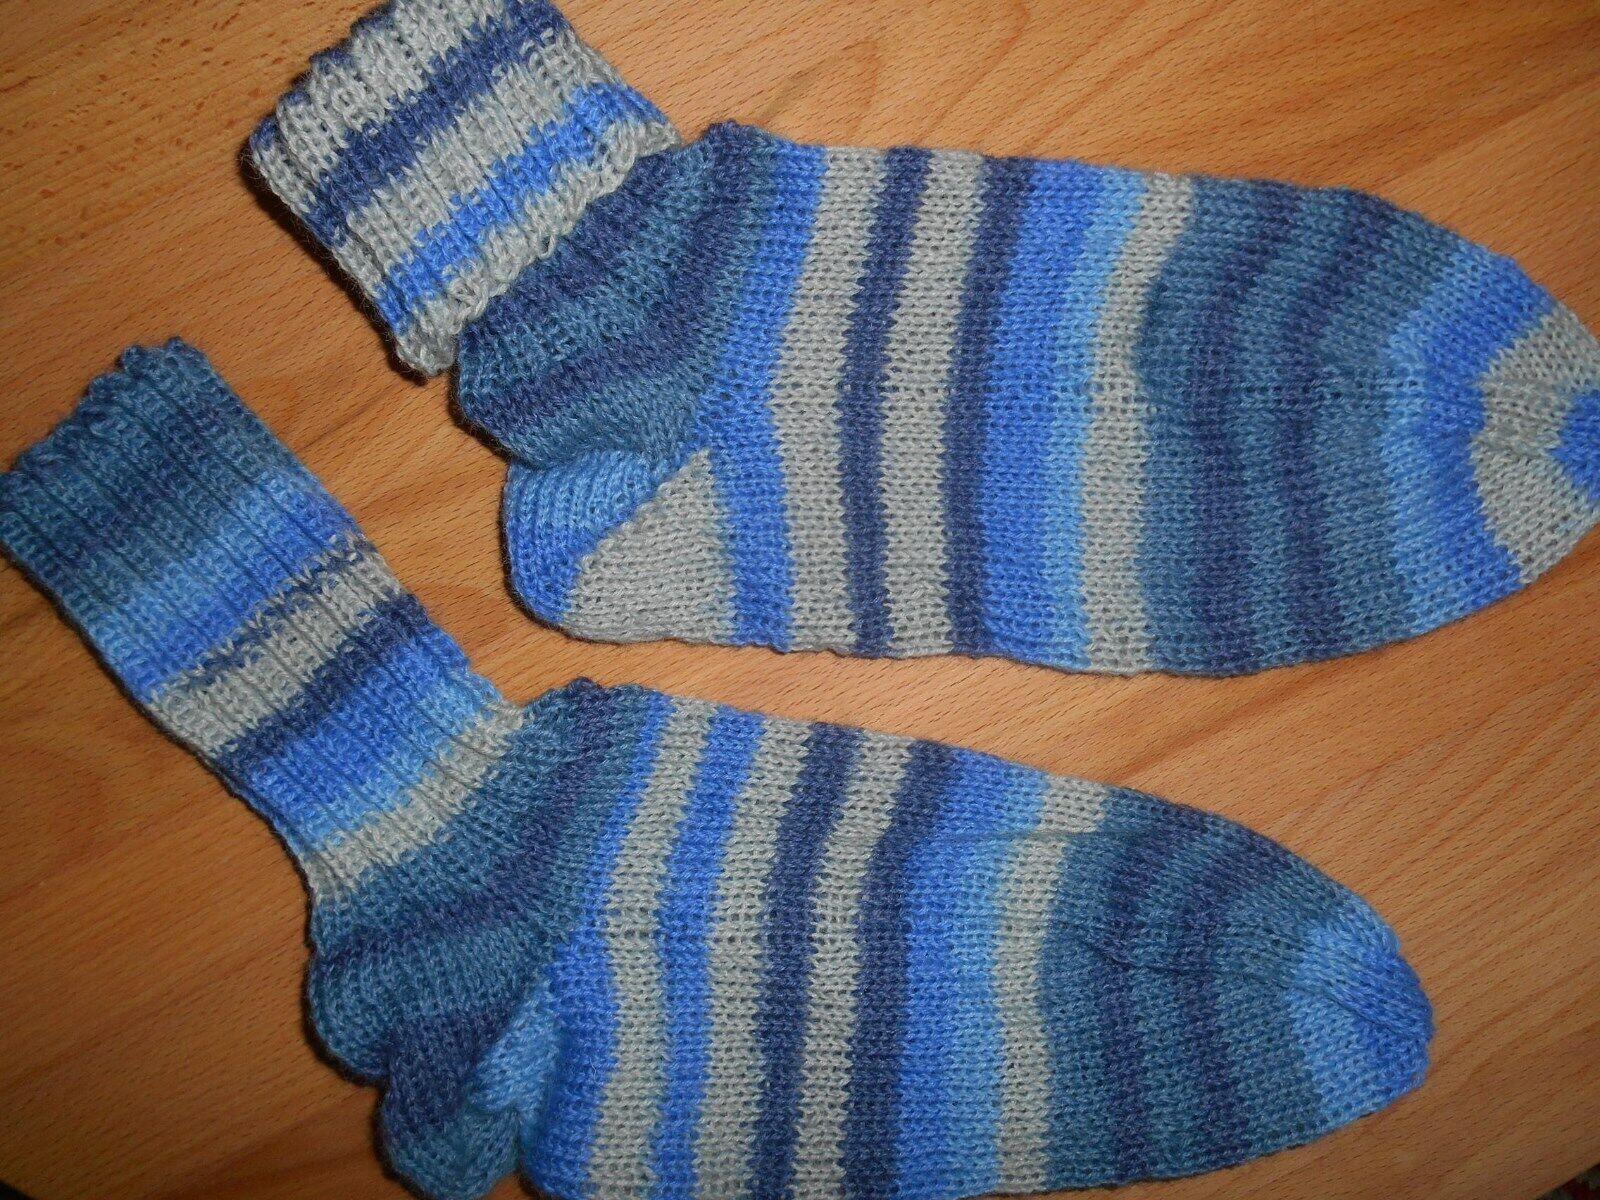 Socken Stricksocken Wolle Strümpfe Hellblauton/Grau Streifen Gr.37/38 max.39 Neu